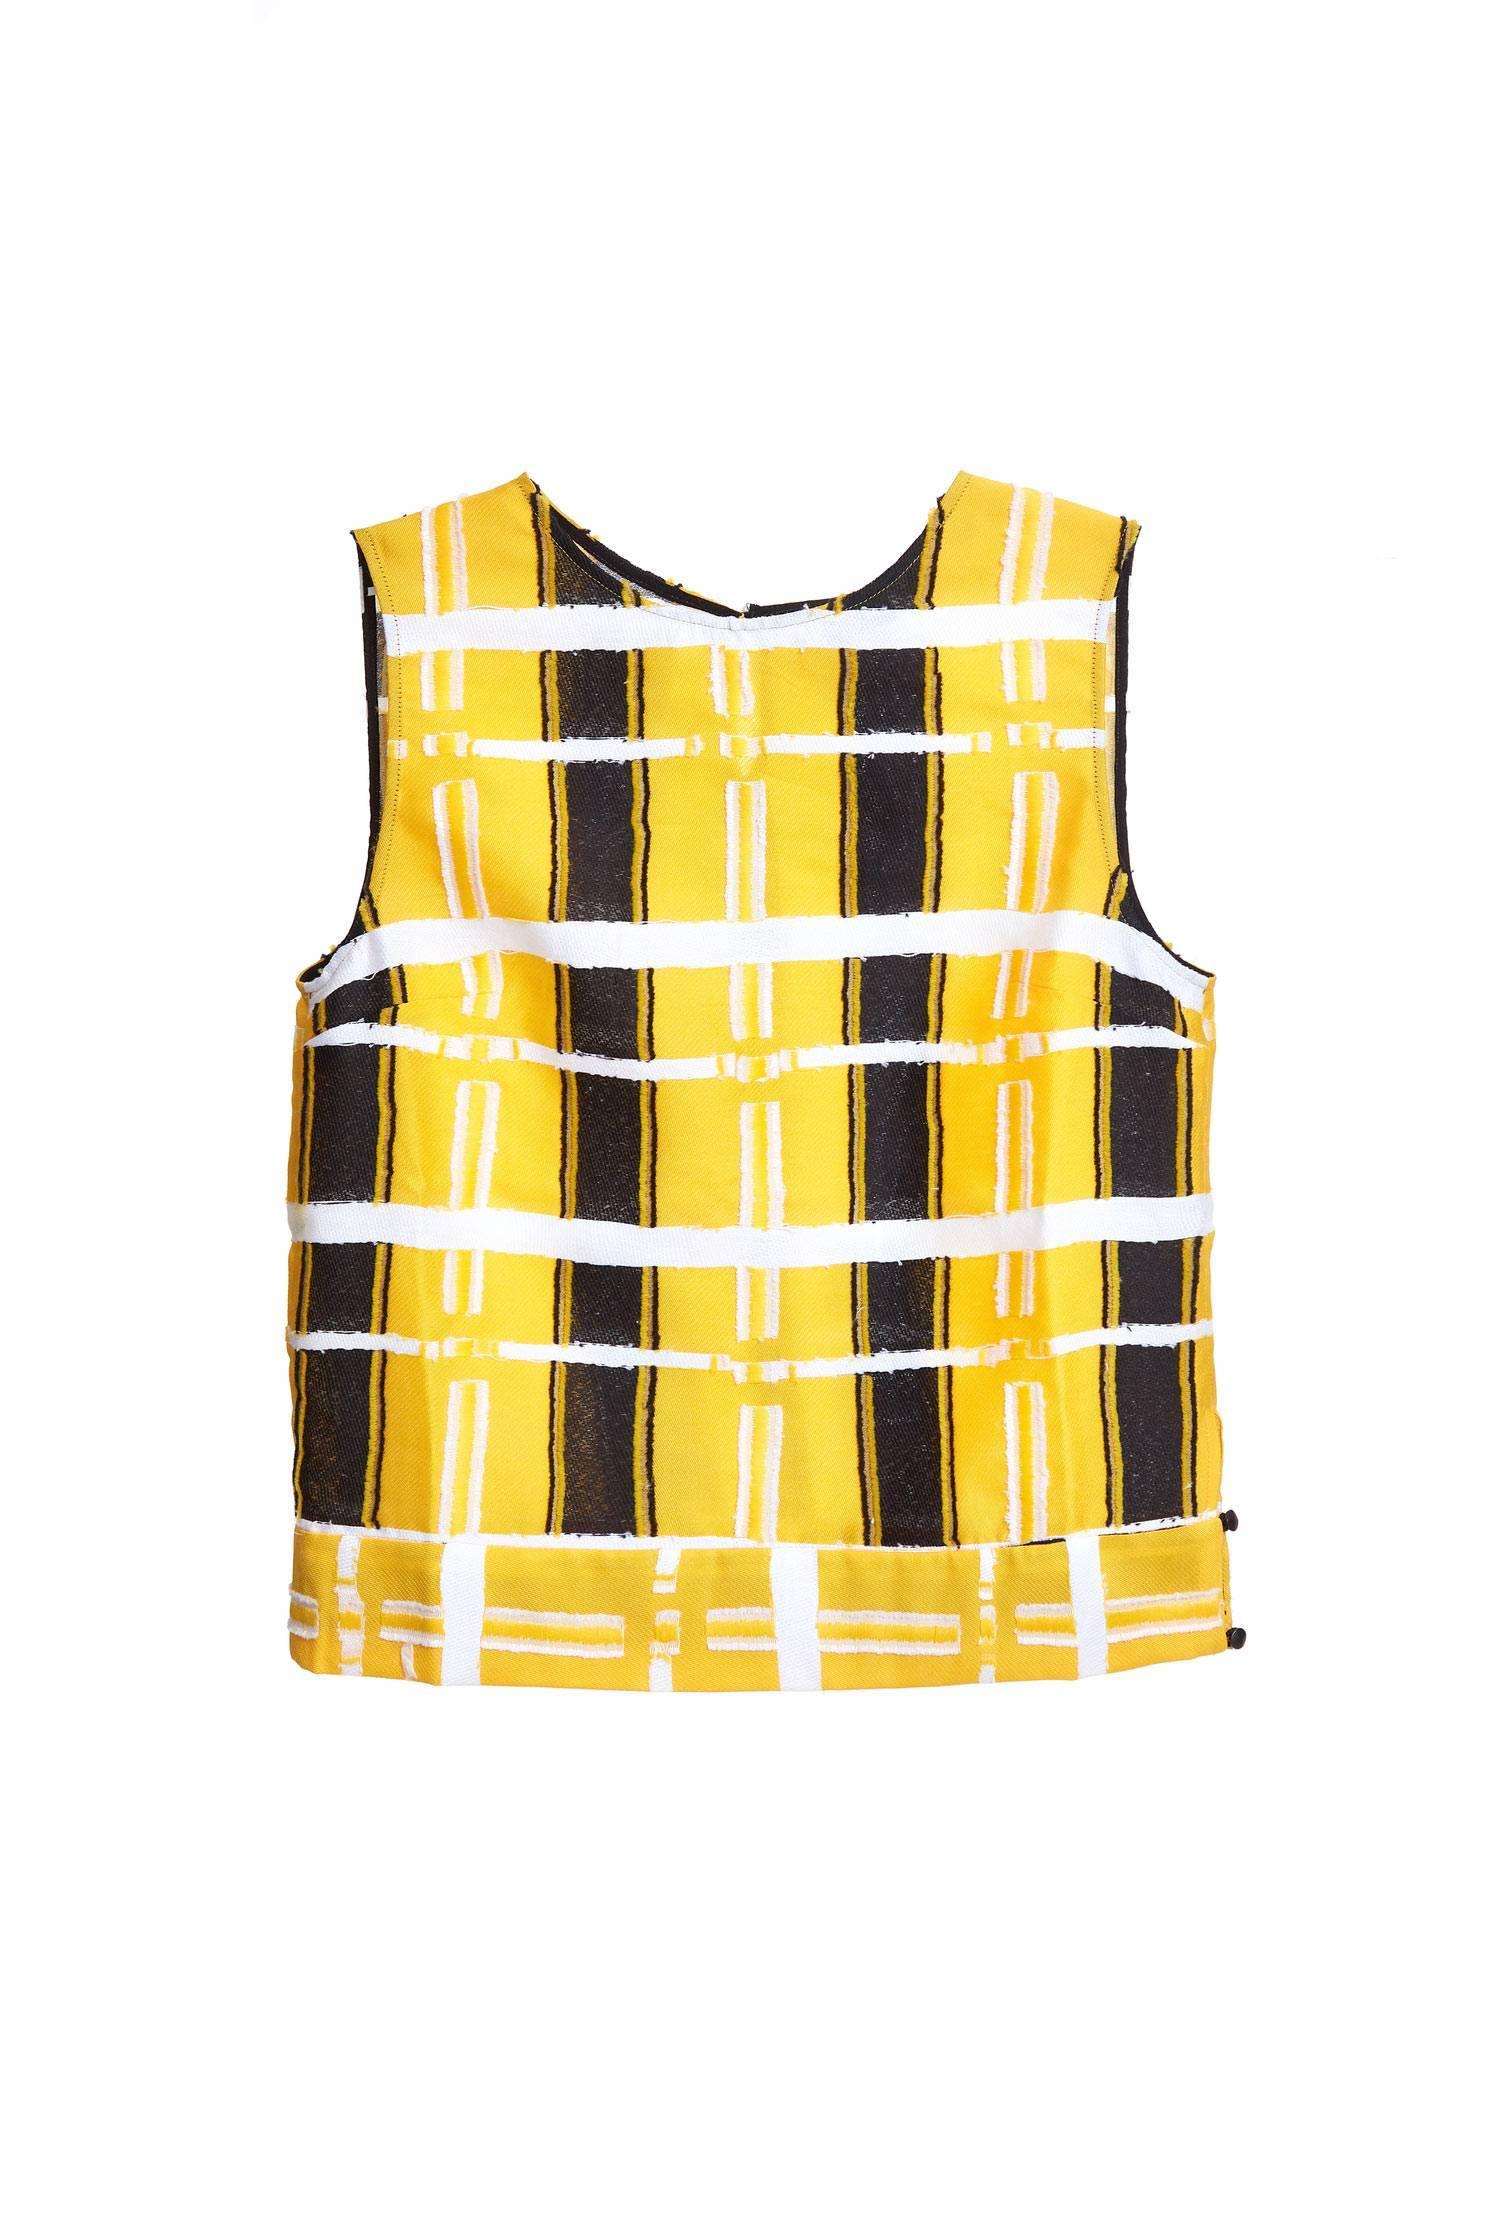 Eye-catching fashion vest